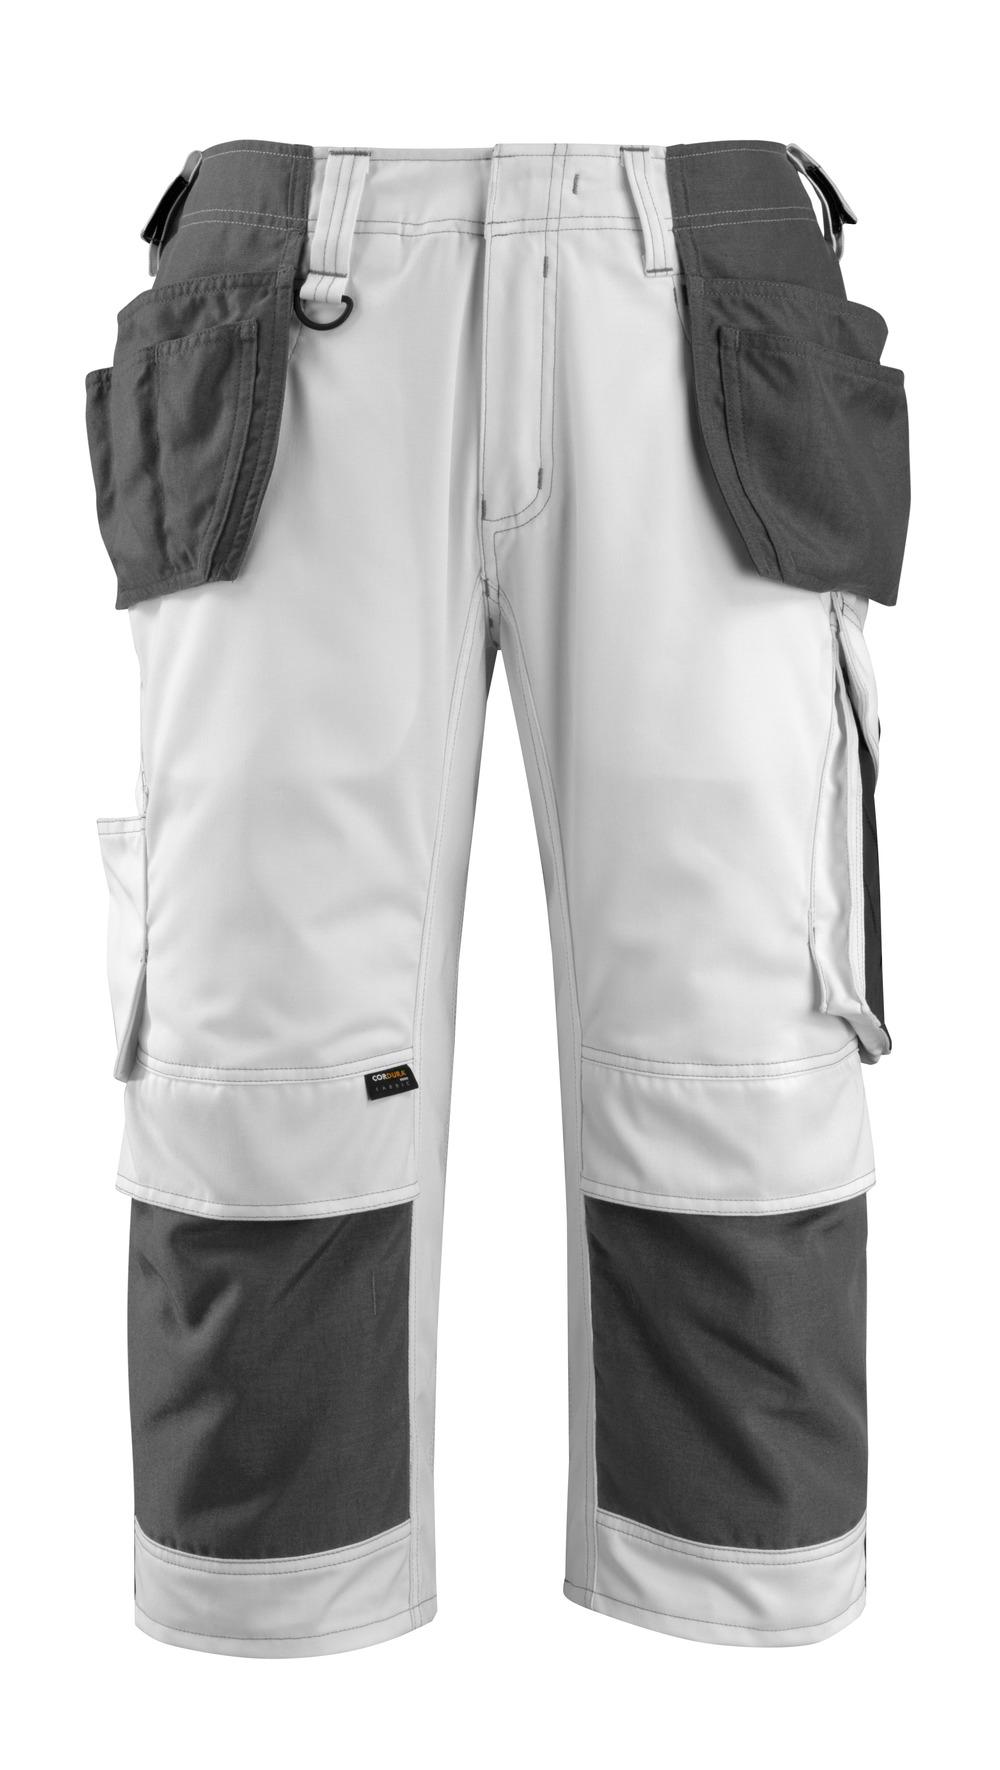 14349-442-0618 Dreiviertel-Hose mit Knie- und Hängetaschen - Weiß/Dunkelanthrazit